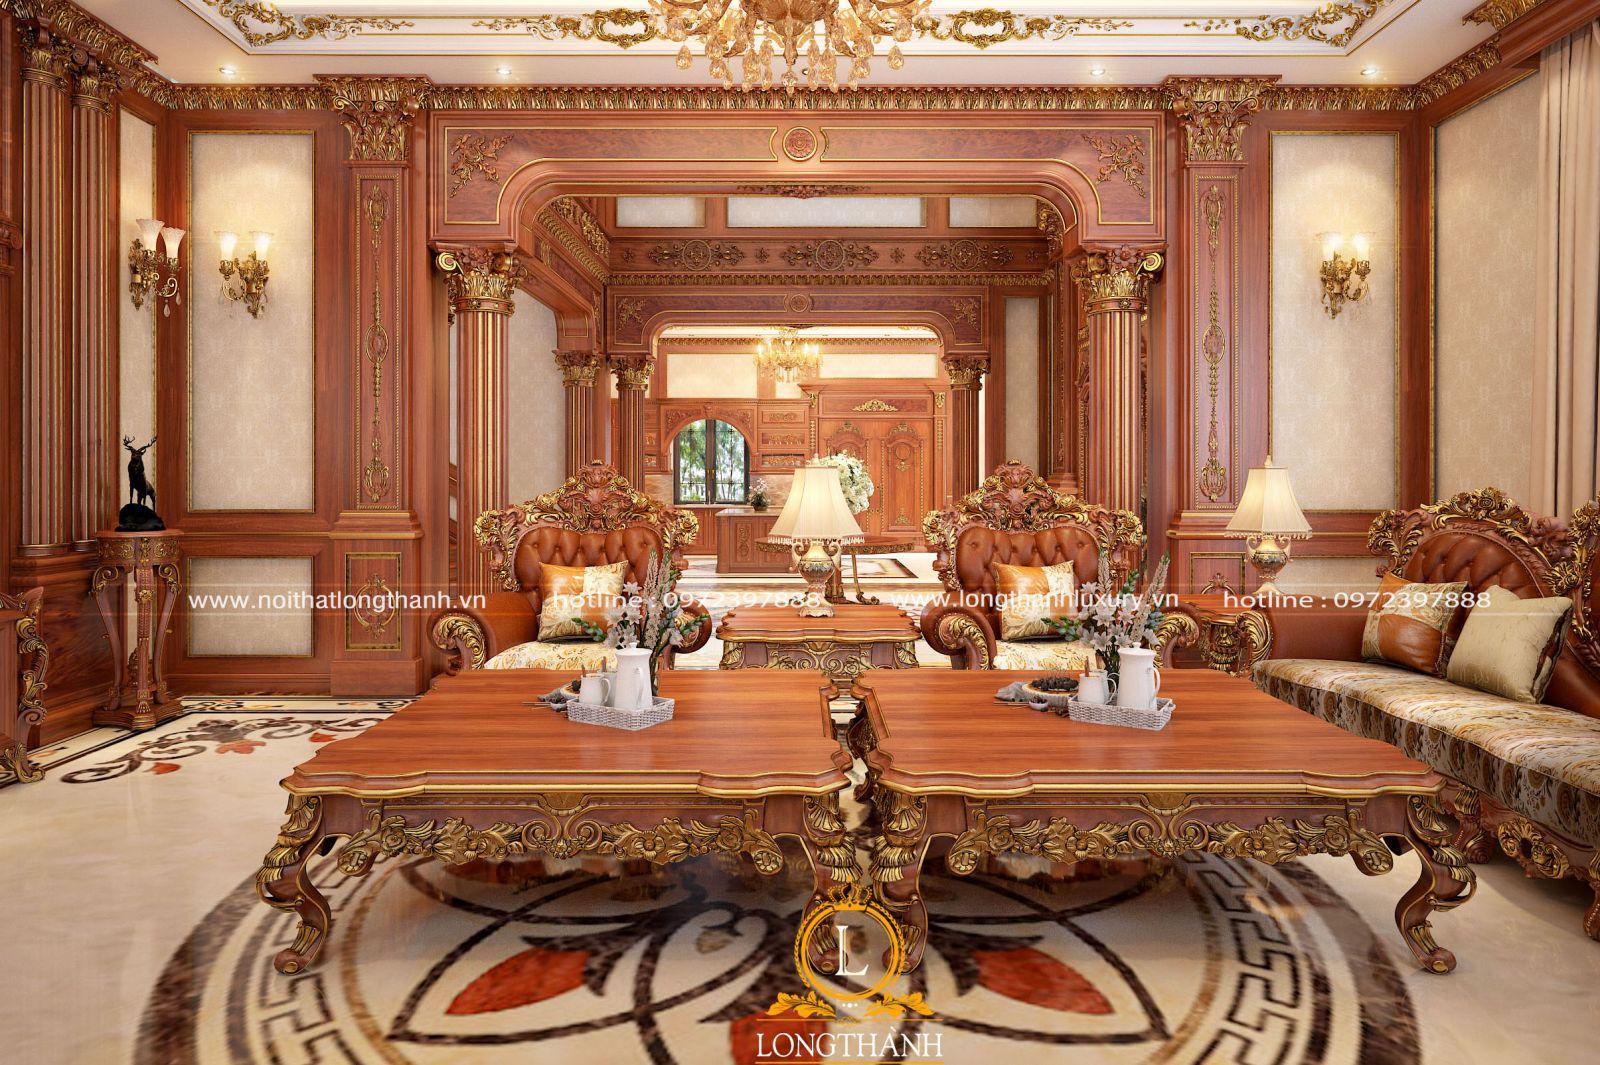 Không gian hoàng gia với nội thất gỗ tân cổ điển